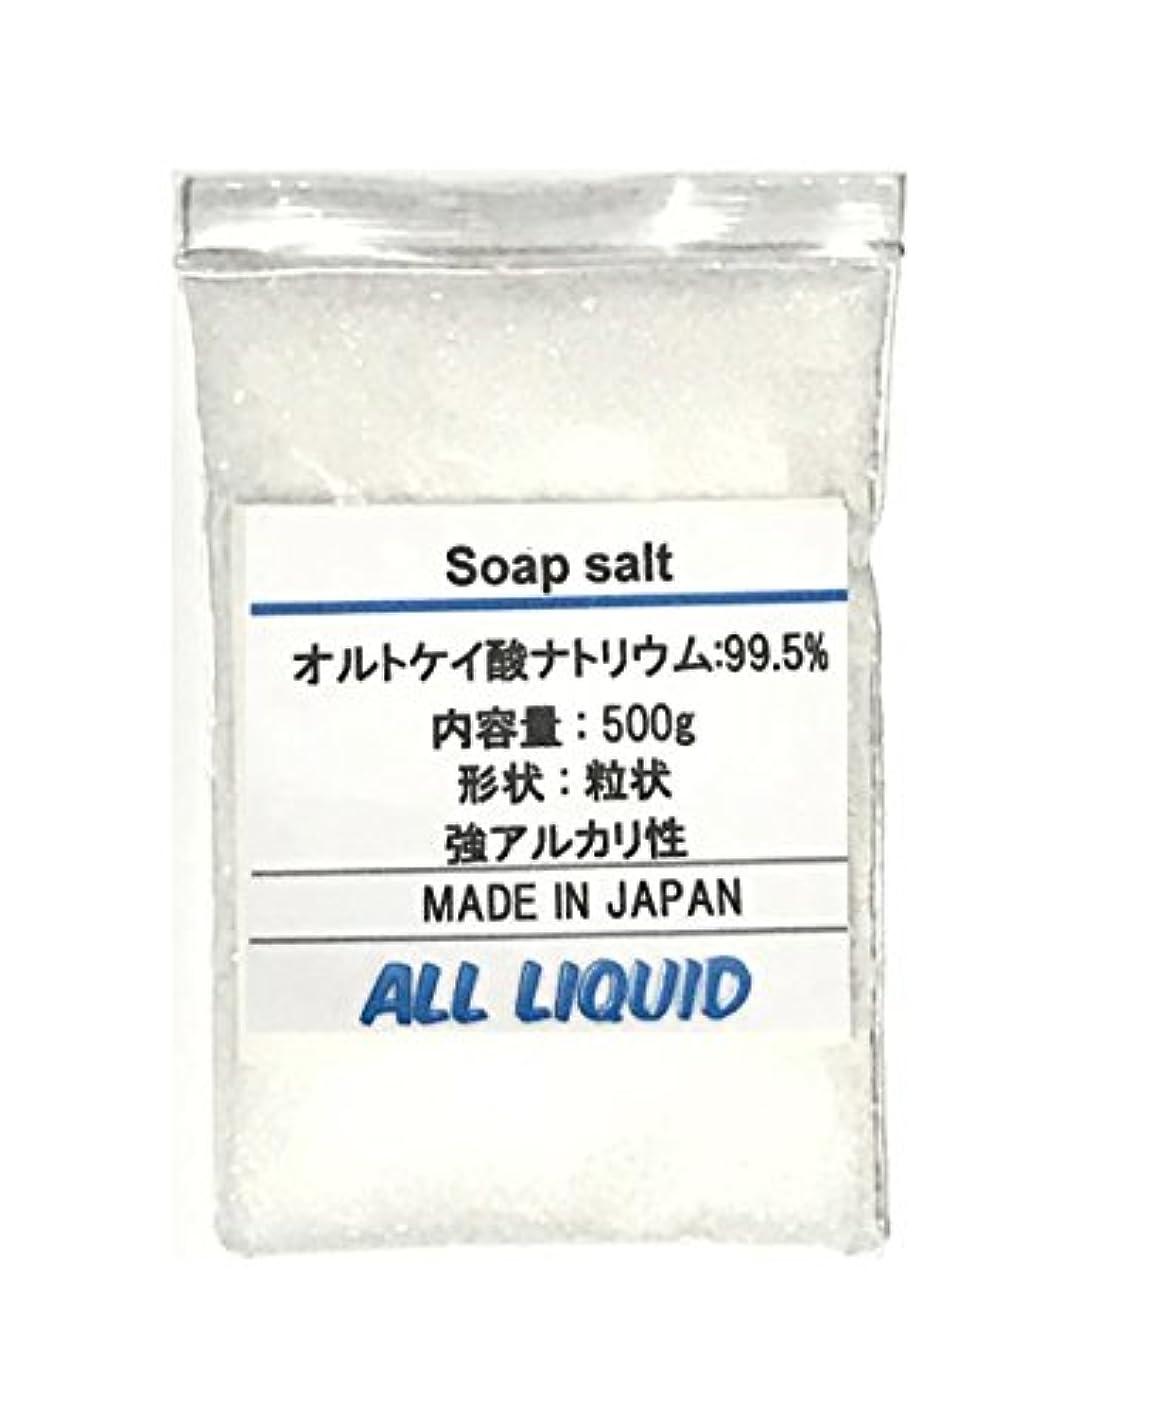 概念知覚できる繁栄するオルトケイ酸ナトリウム (水ガラス) 1Kg 粒状 まぜたら石鹸 廃油 手作り石鹸 各サイズ選べます